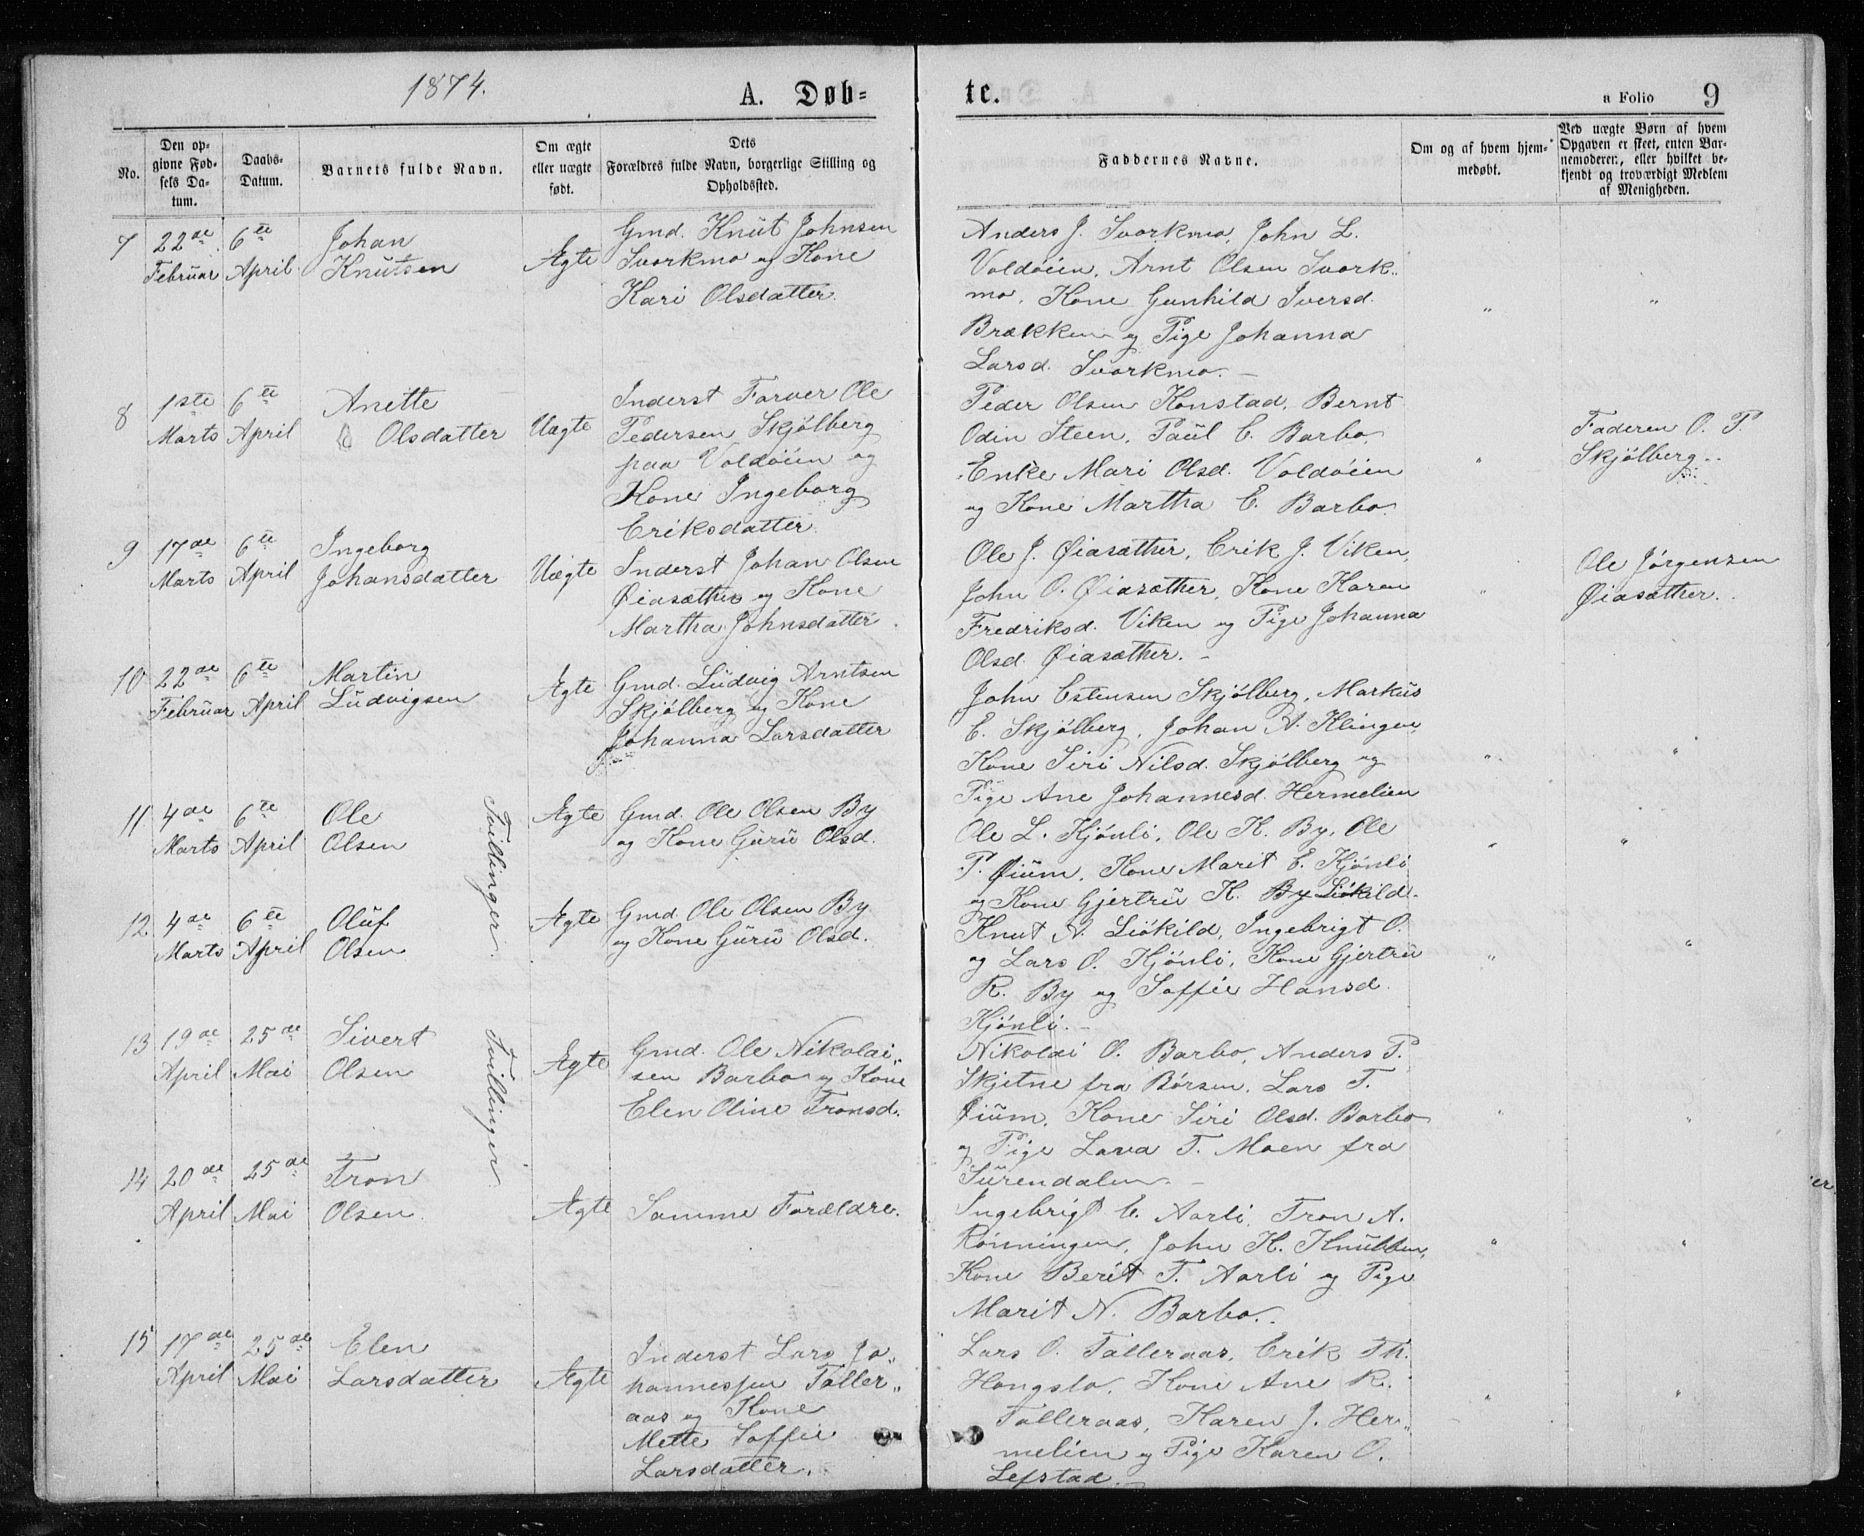 SAT, Ministerialprotokoller, klokkerbøker og fødselsregistre - Sør-Trøndelag, 671/L0843: Klokkerbok nr. 671C02, 1873-1892, s. 9